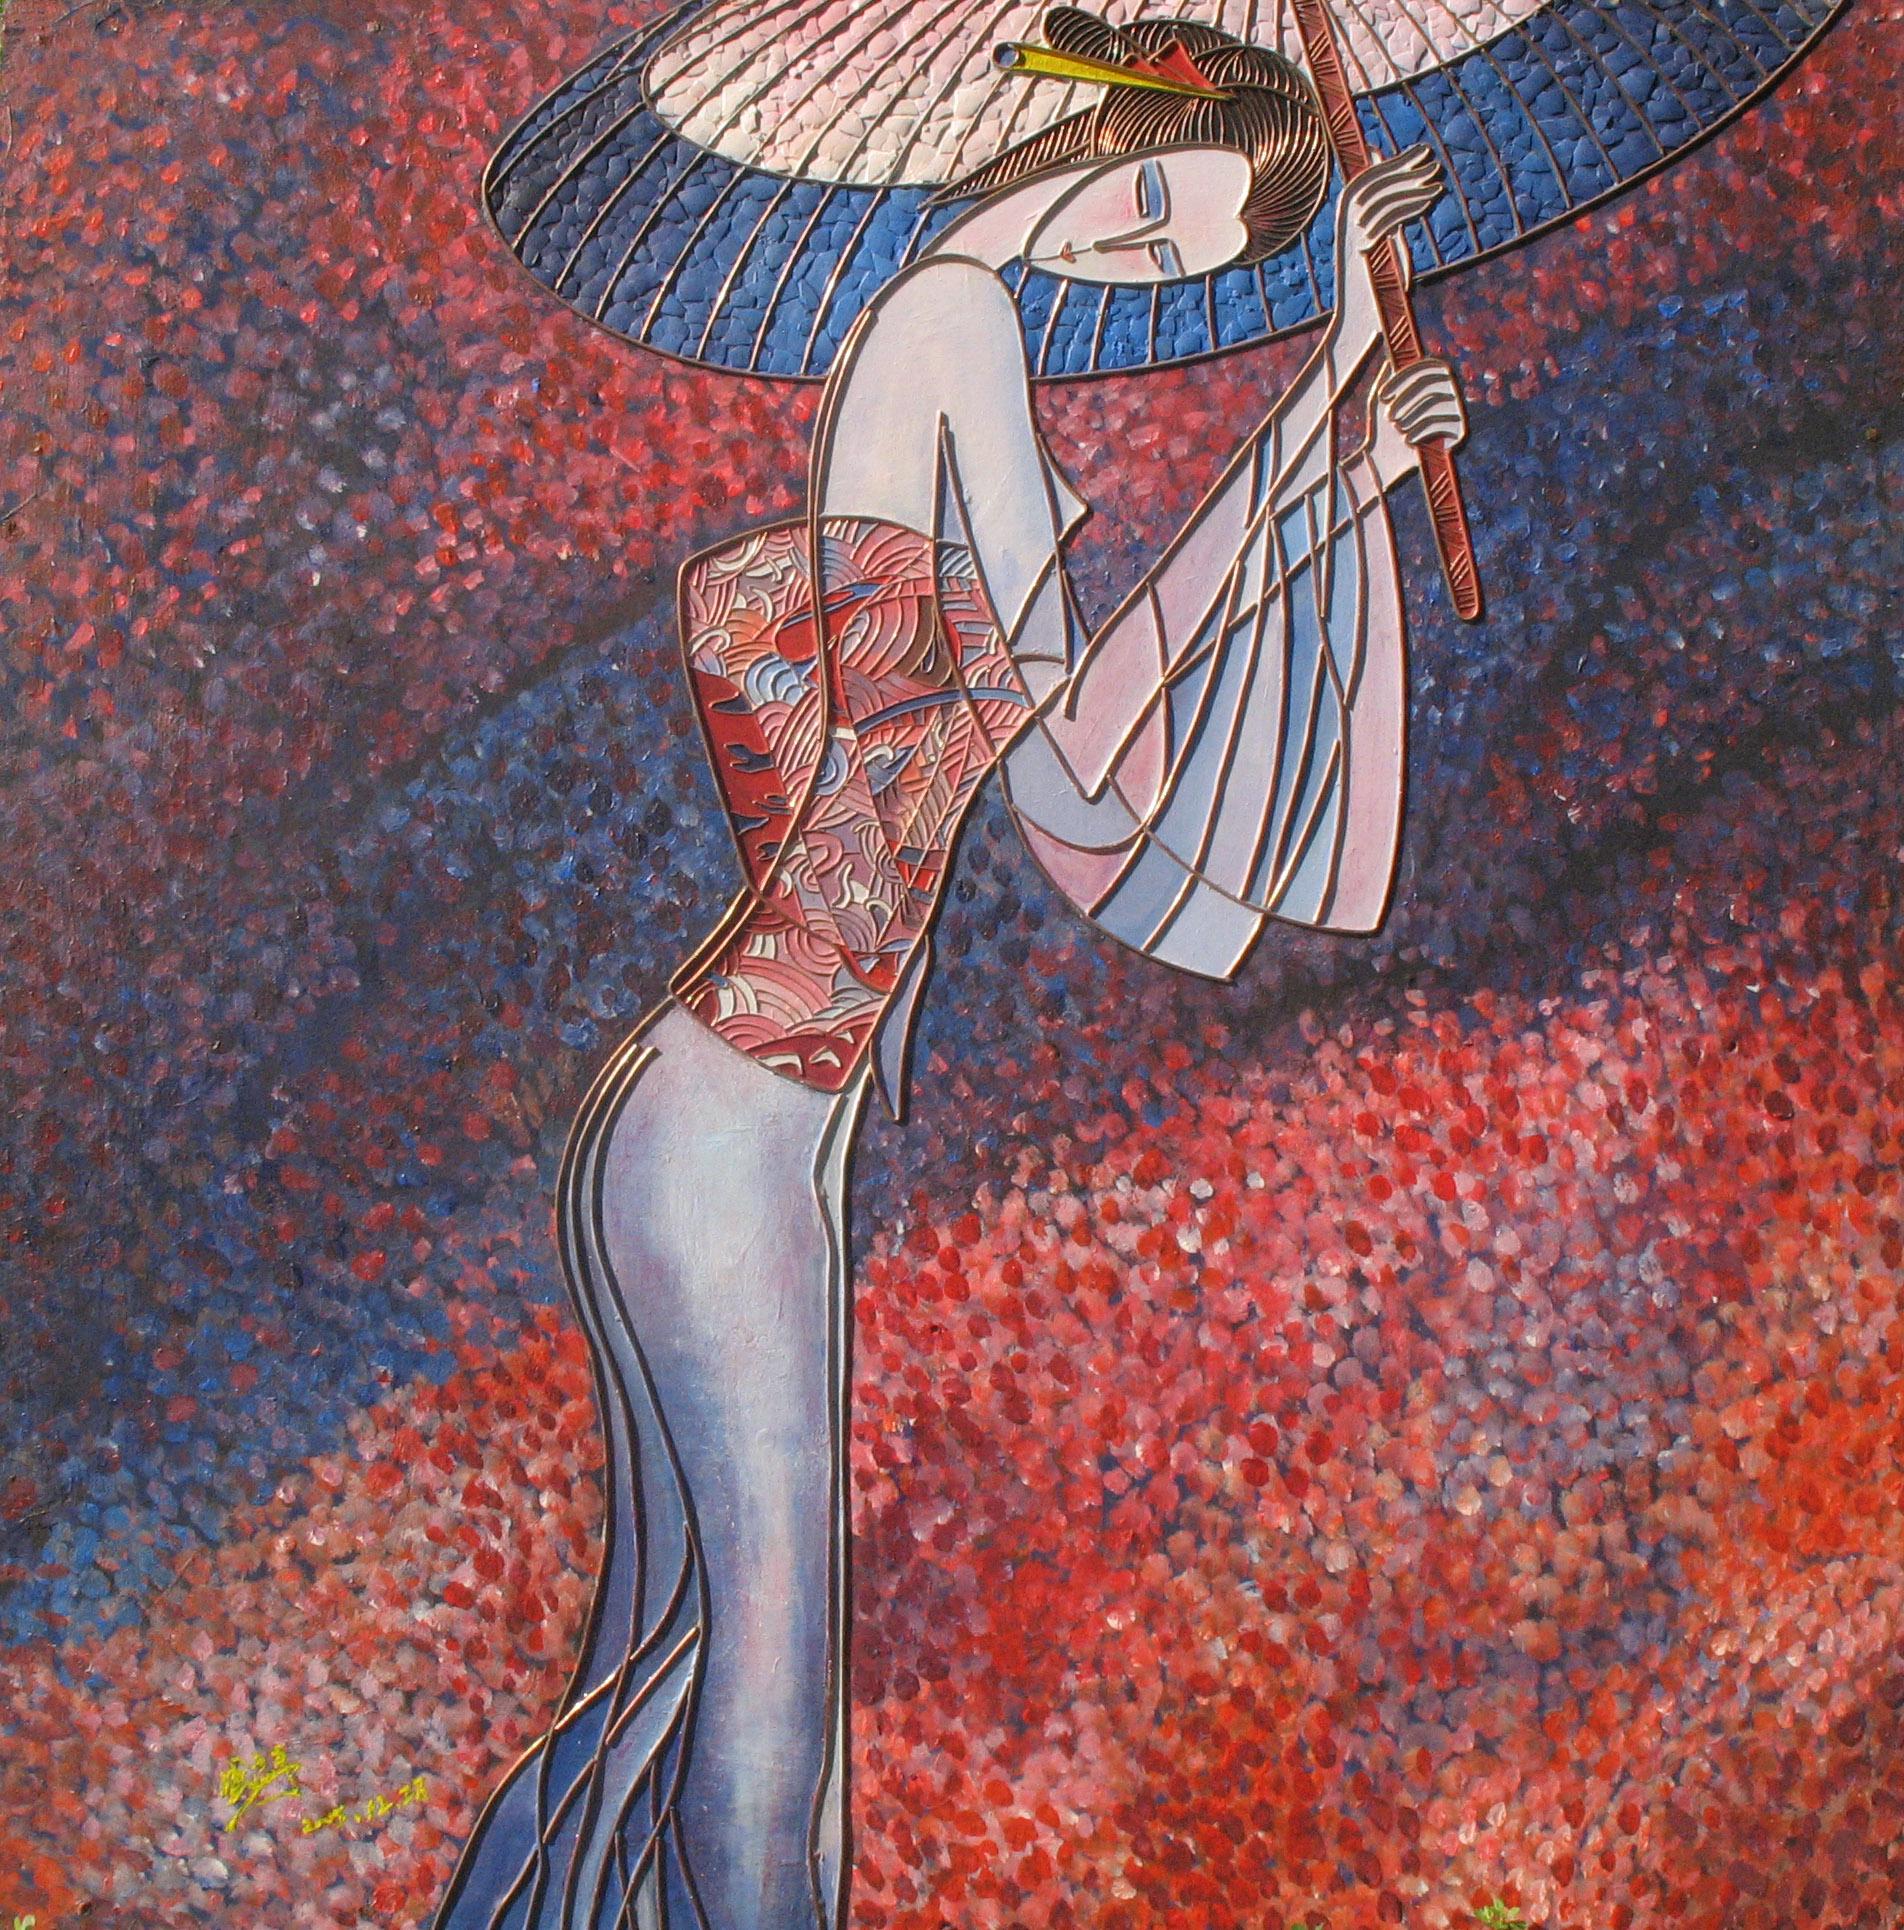 装饰画 抽象派 现代装饰画 古典 美女